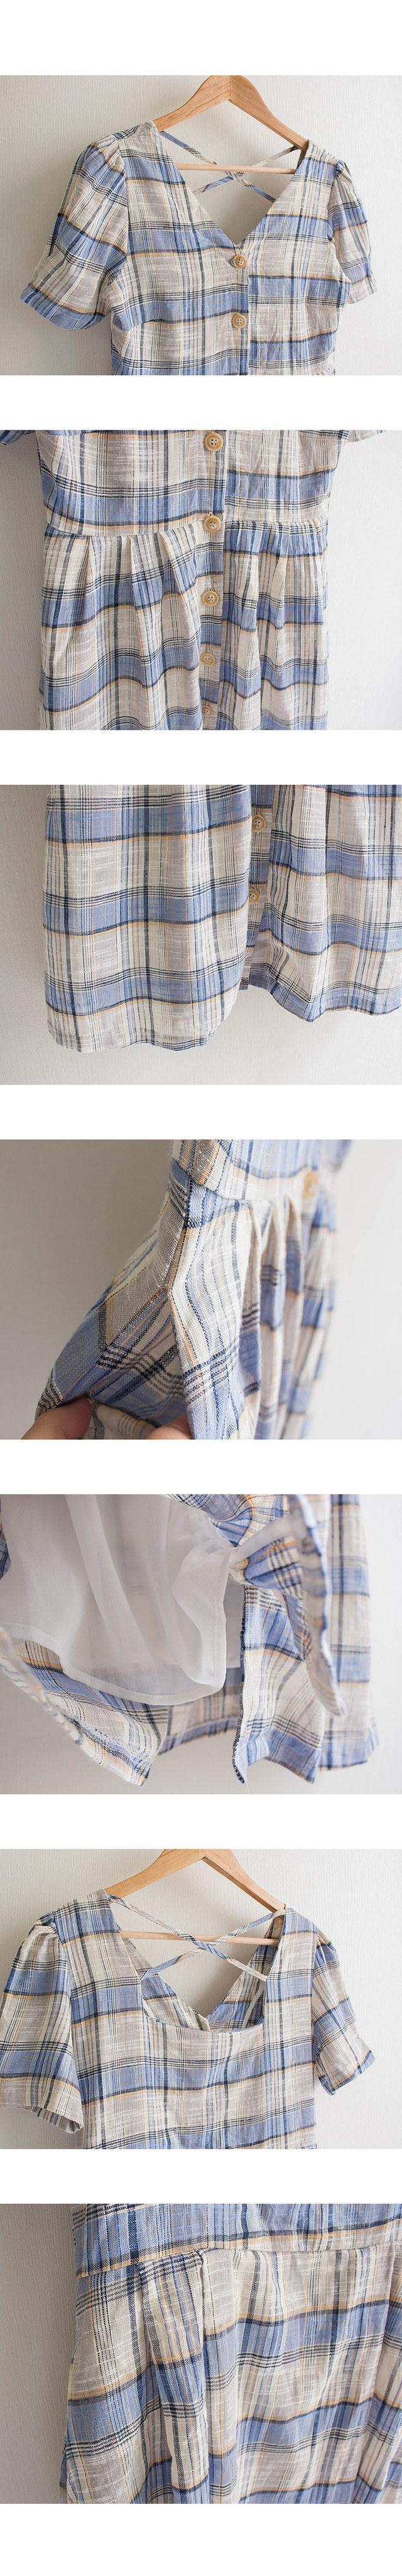 Marl Linen Button Check Dress